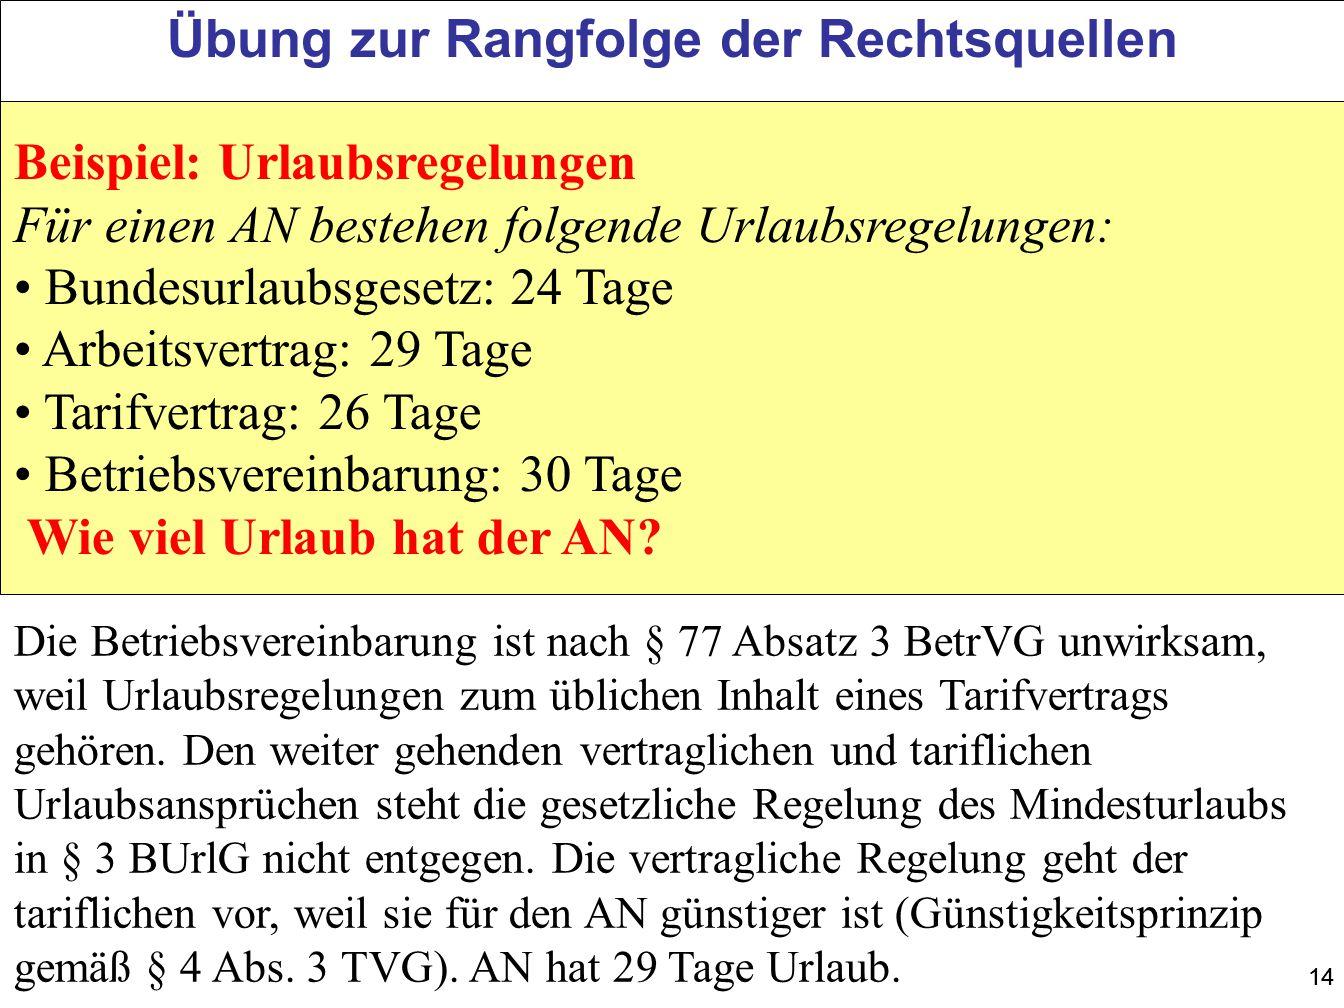 14 Übung zur Rangfolge der Rechtsquellen Beispiel: Urlaubsregelungen Für einen AN bestehen folgende Urlaubsregelungen: Bundesurlaubsgesetz: 24 Tage Ar